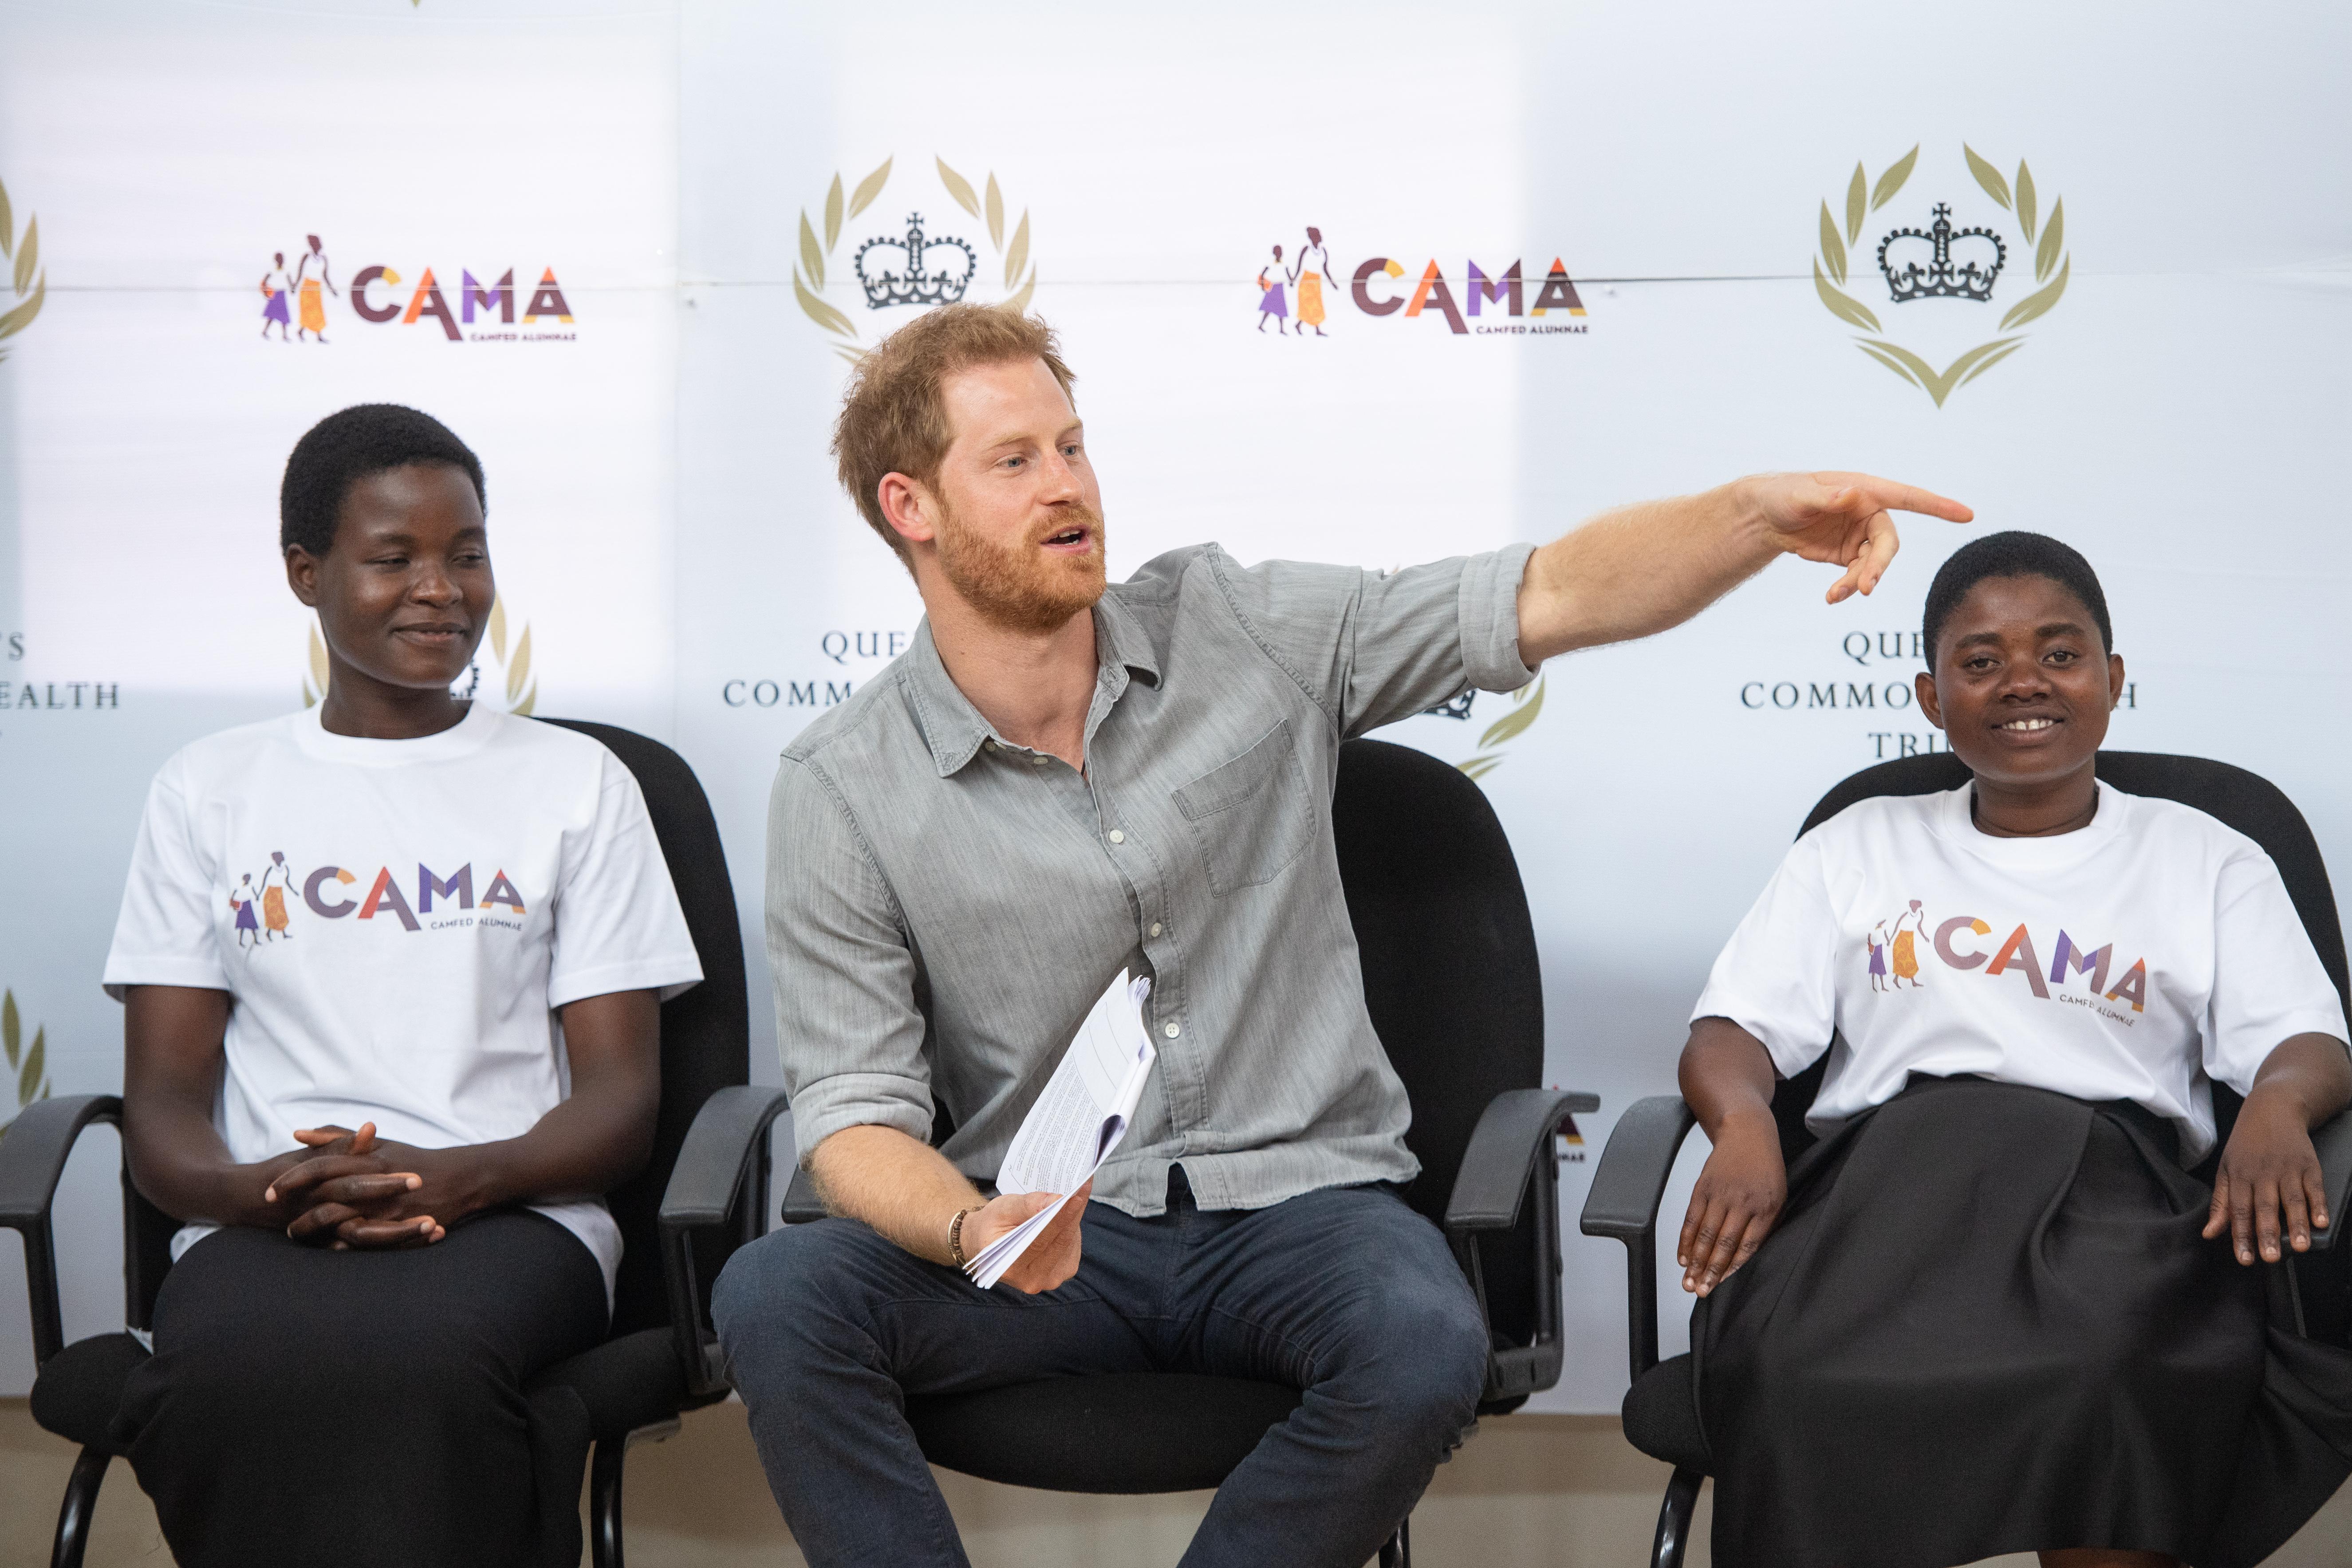 Вот это сюрприз! Принц Гарри приехал на конференцию в Африке, но не один